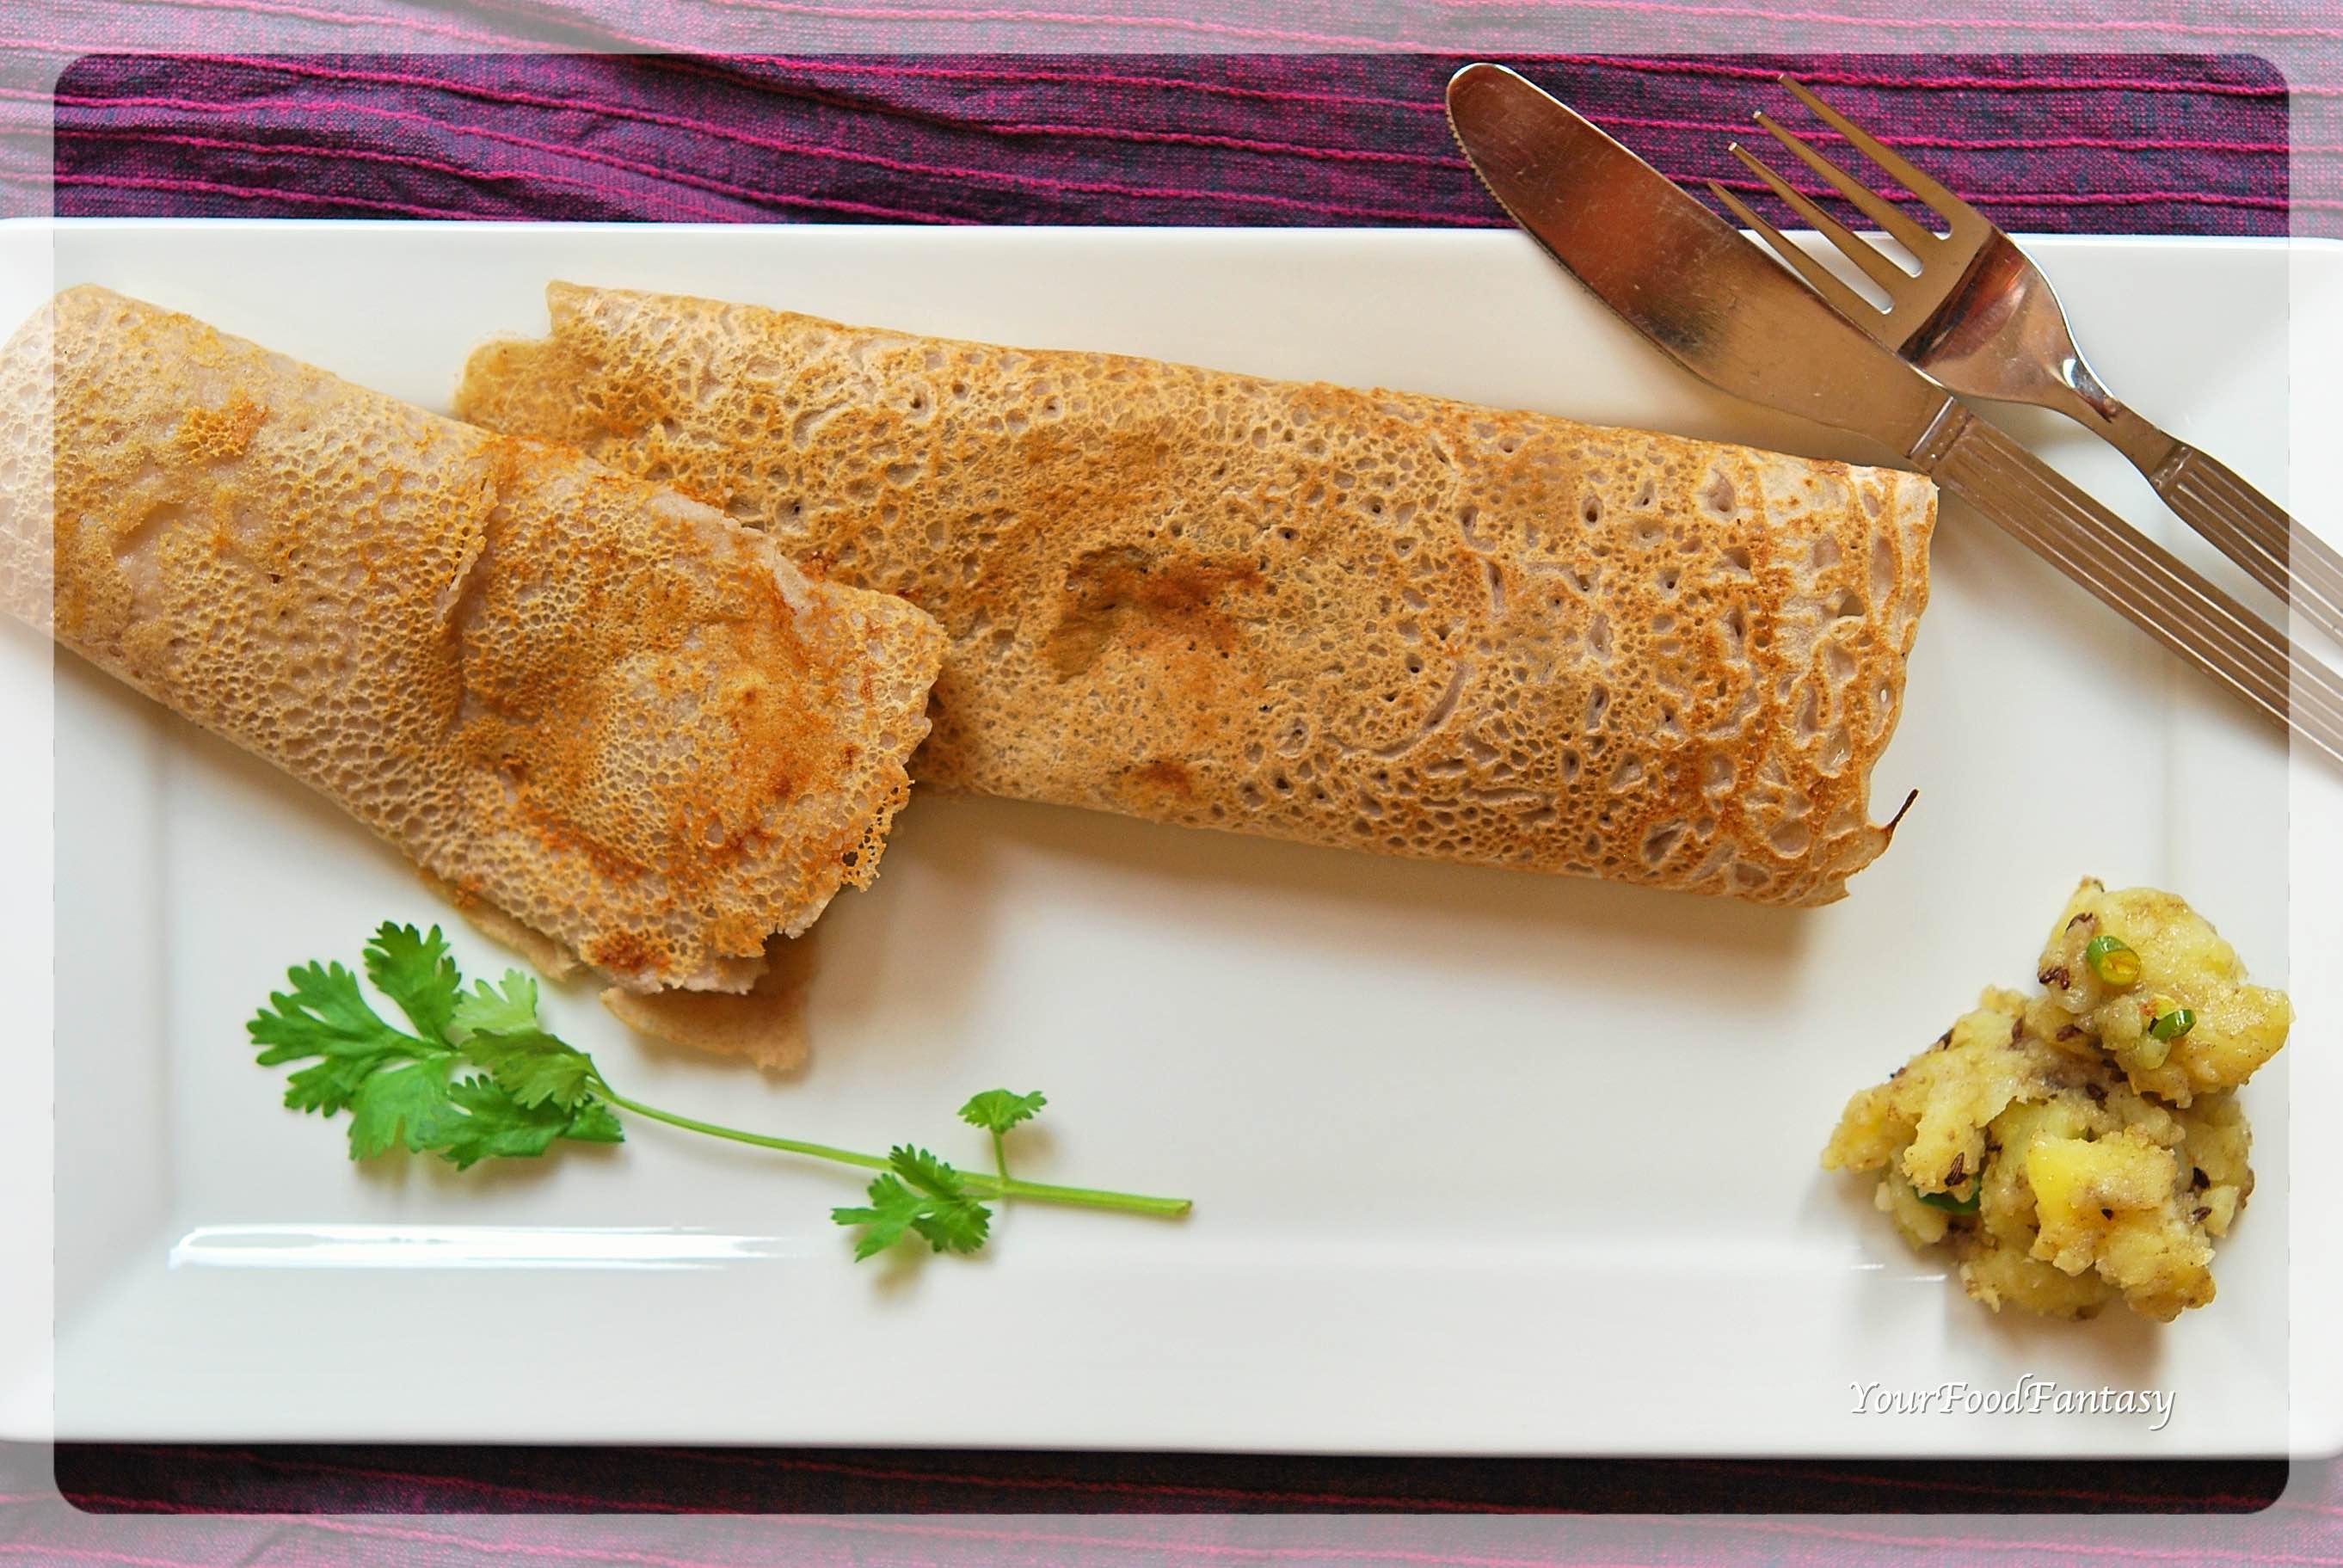 Two kuttu dosa with potato sabzi on a plate